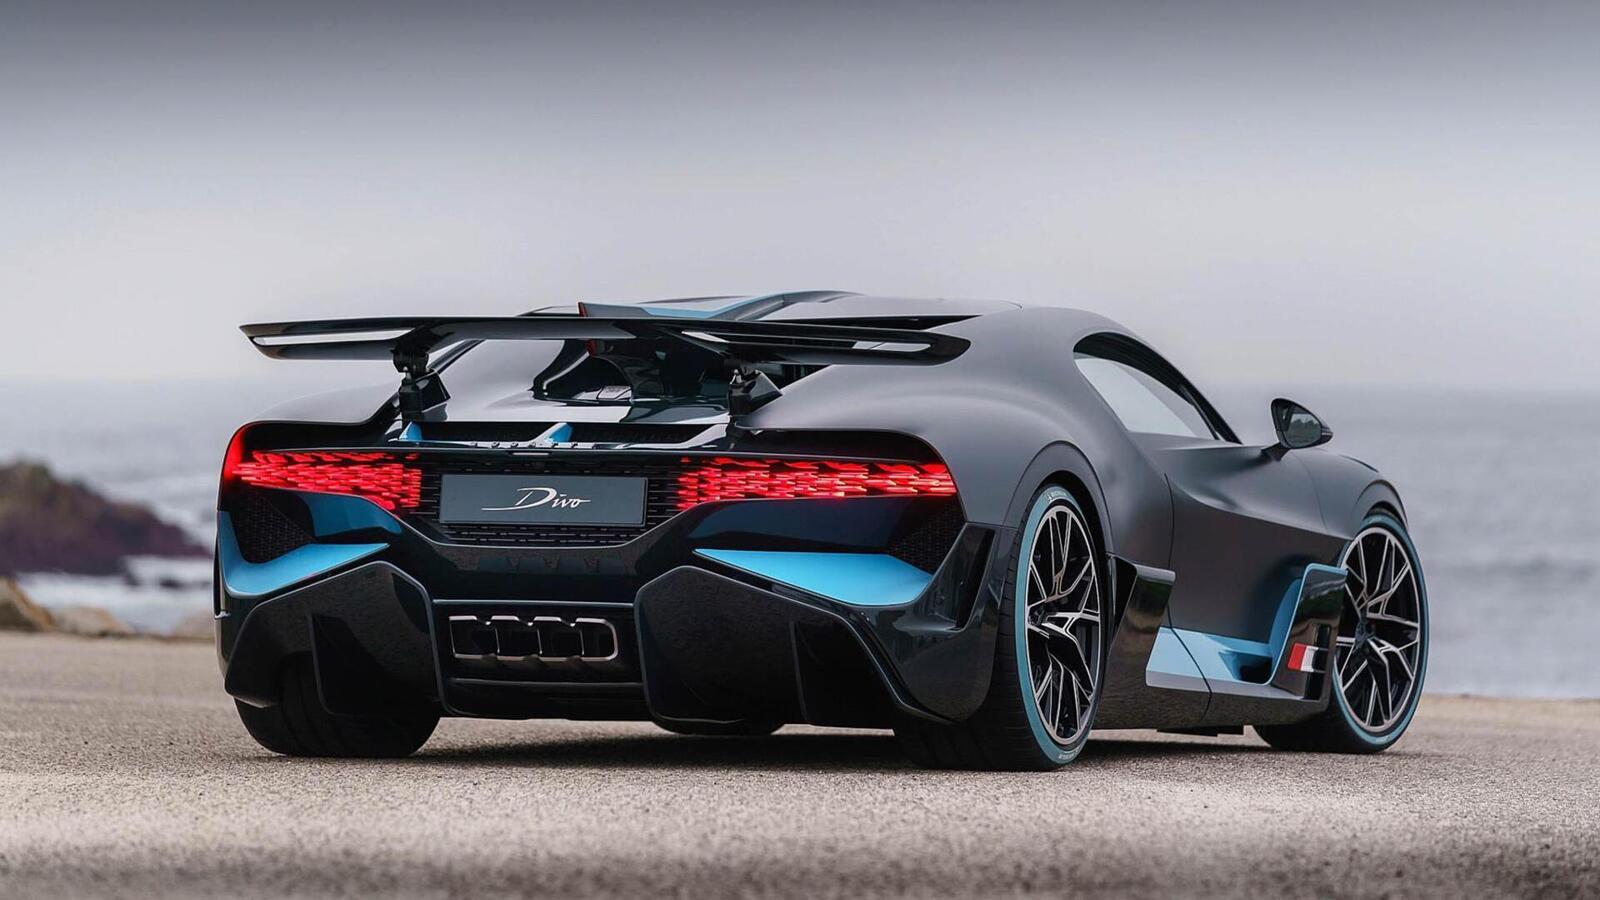 Một trong 40 chiếc Bugatti Divo đang được bán với giá 7,5 triệu USD (hơn 173 tỷ đồng) - Hình 17